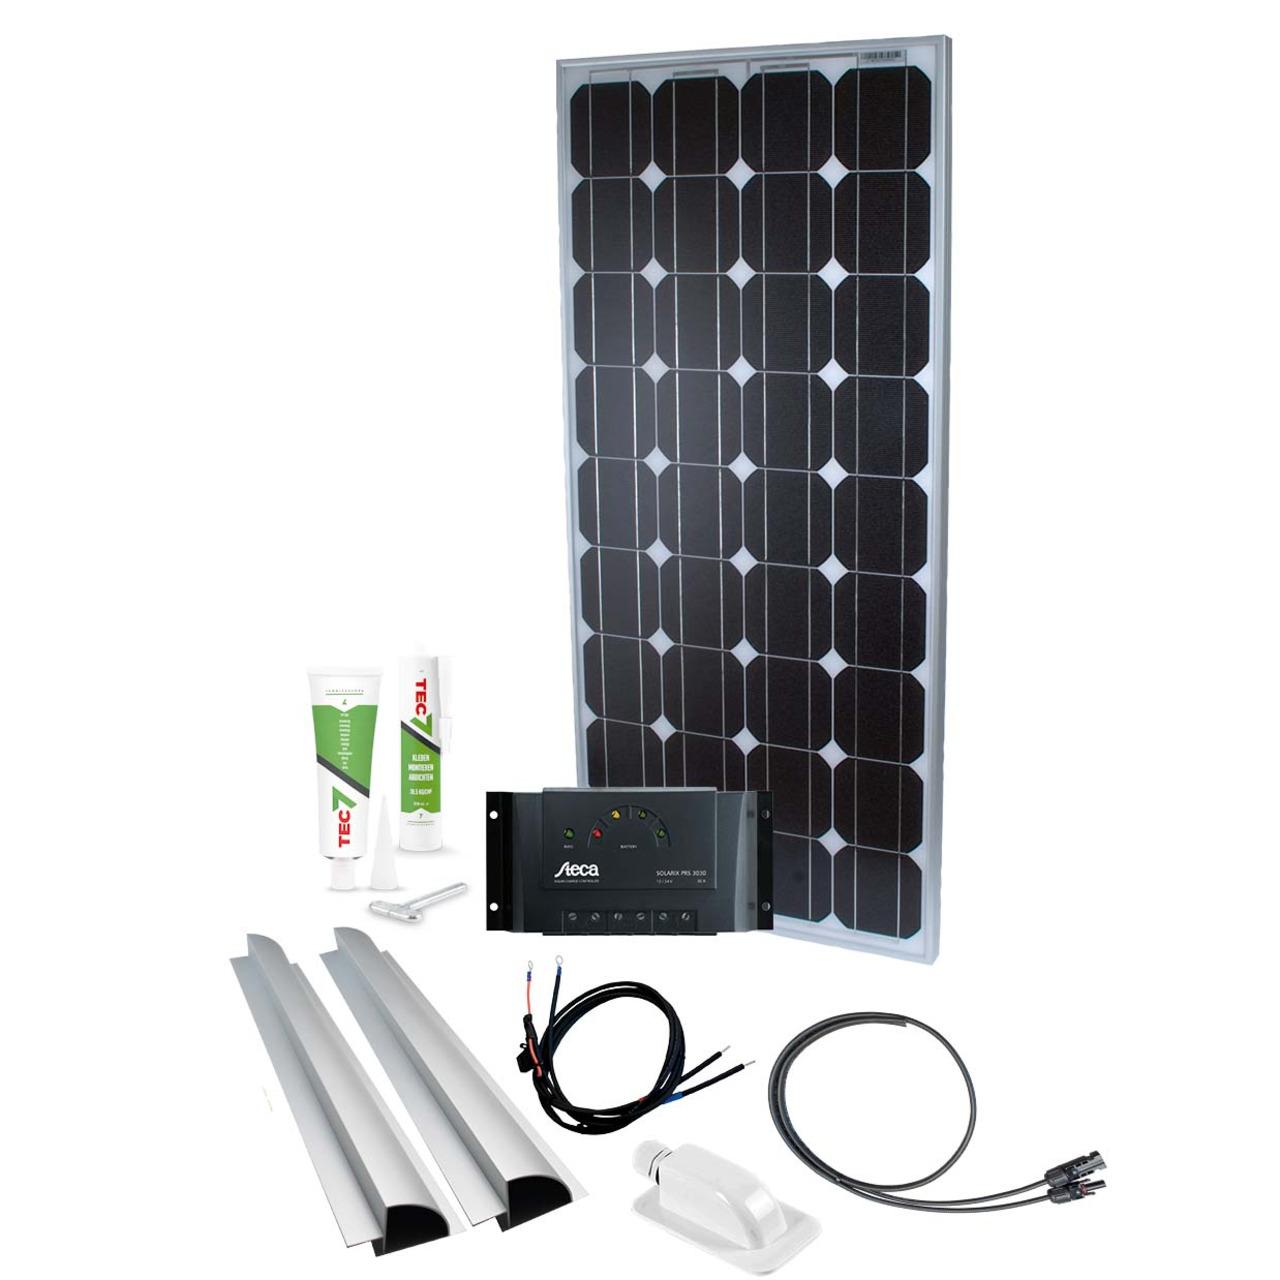 Phaesun Solar Komplett-Set Caravan Kit Base Camp One 100 W- 12 V inkl- 15 A Solarladeregler